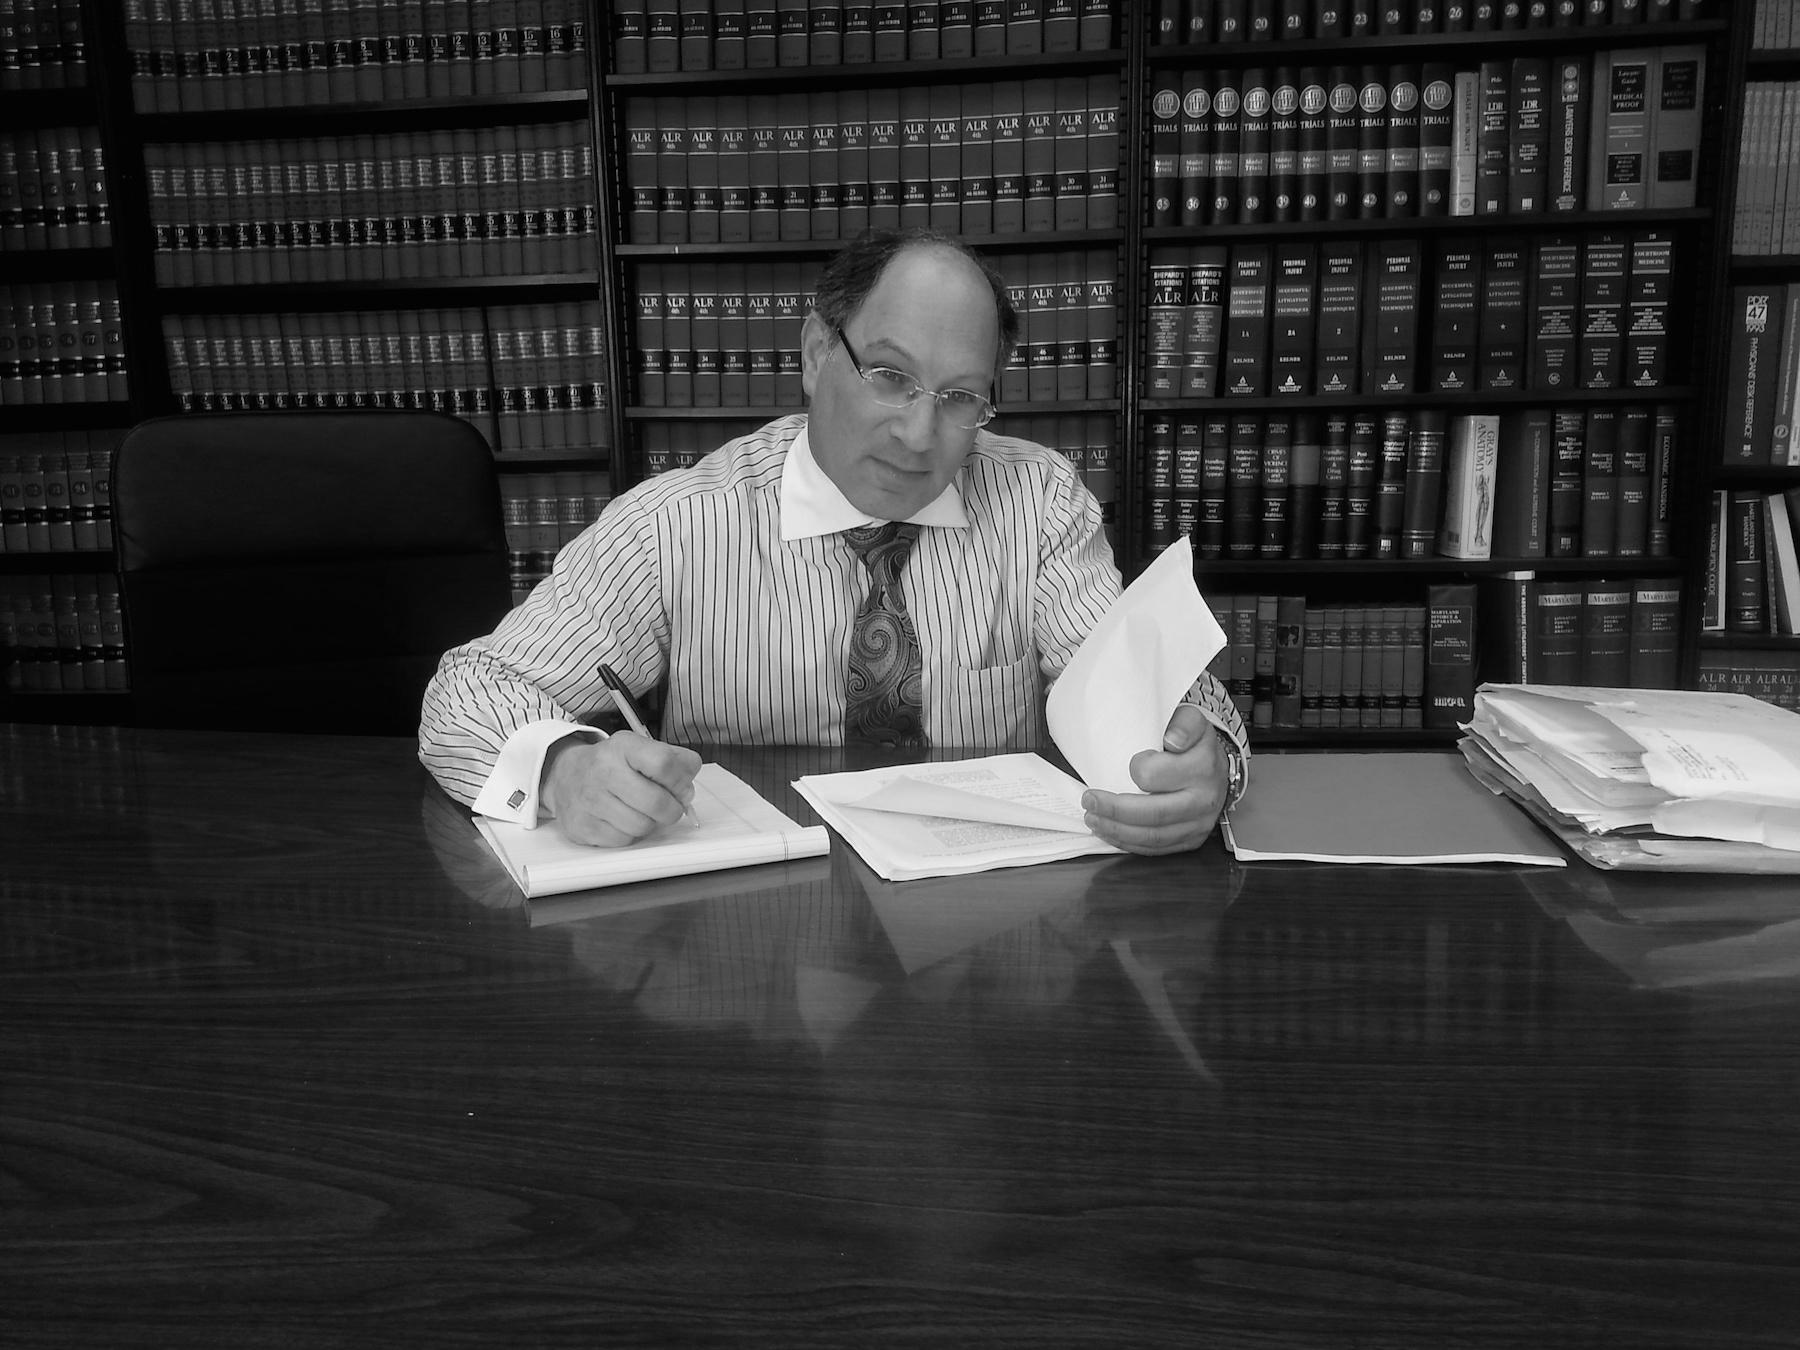 isaac-klein-attorney